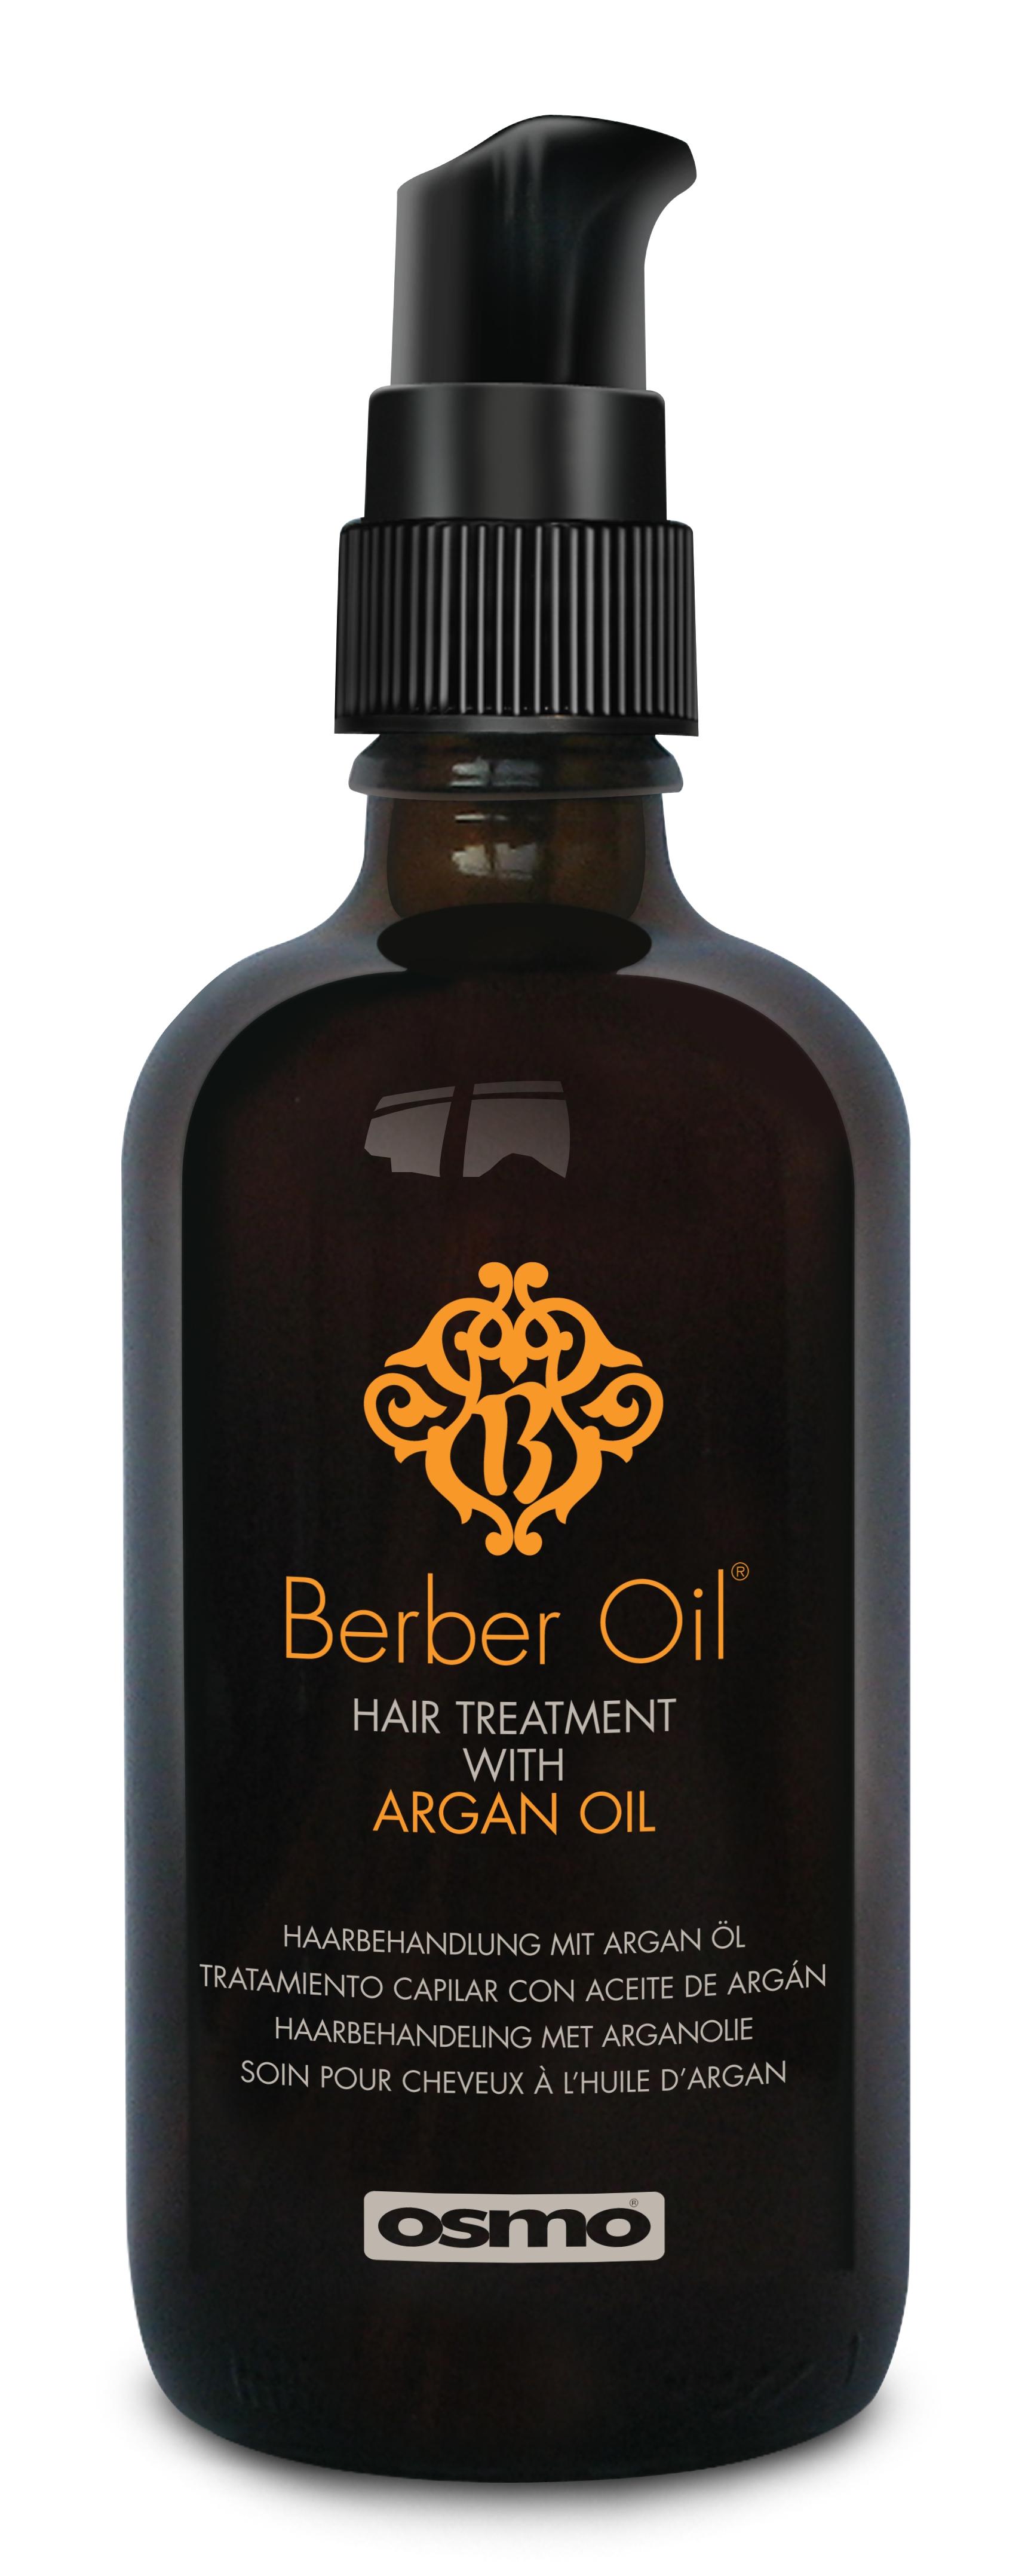 OSMO Масло восстановление и лечение Берберское масло / The Berber Oil Collection 100мл